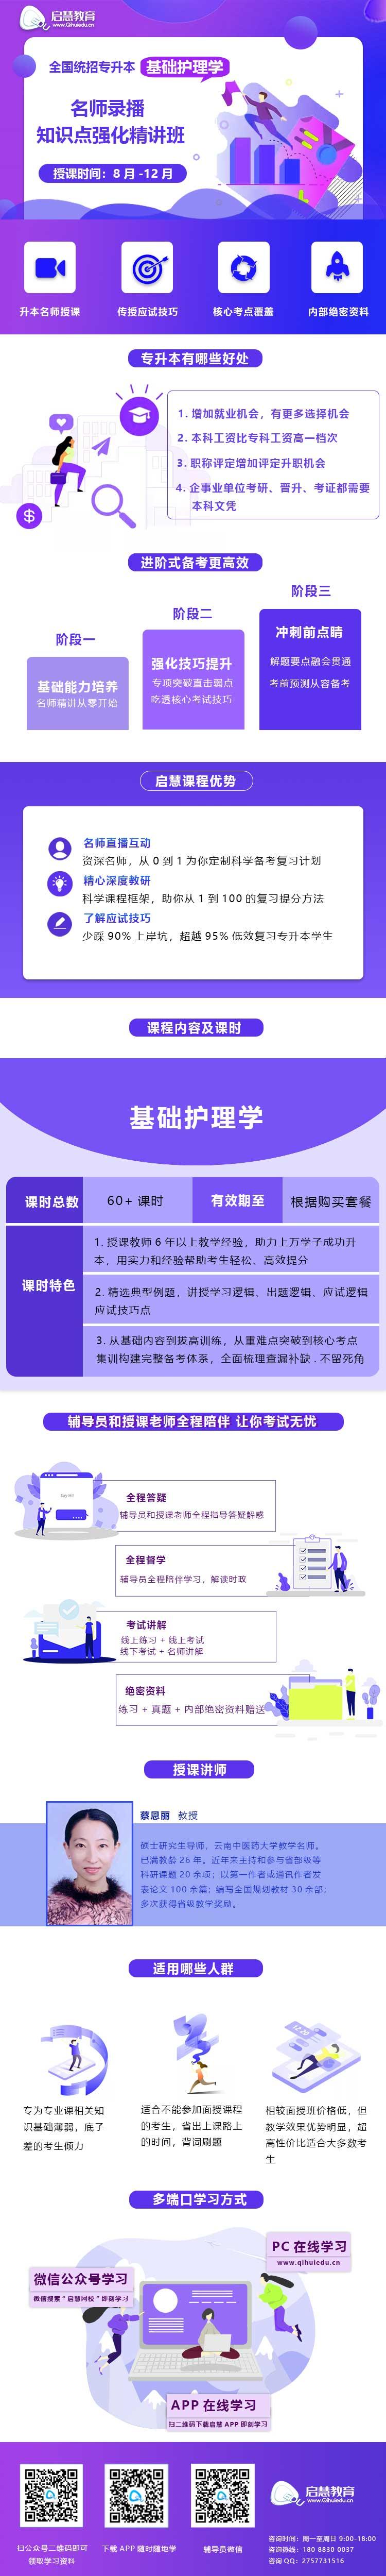 2021年云南统招专升本精讲课《基础护理学》